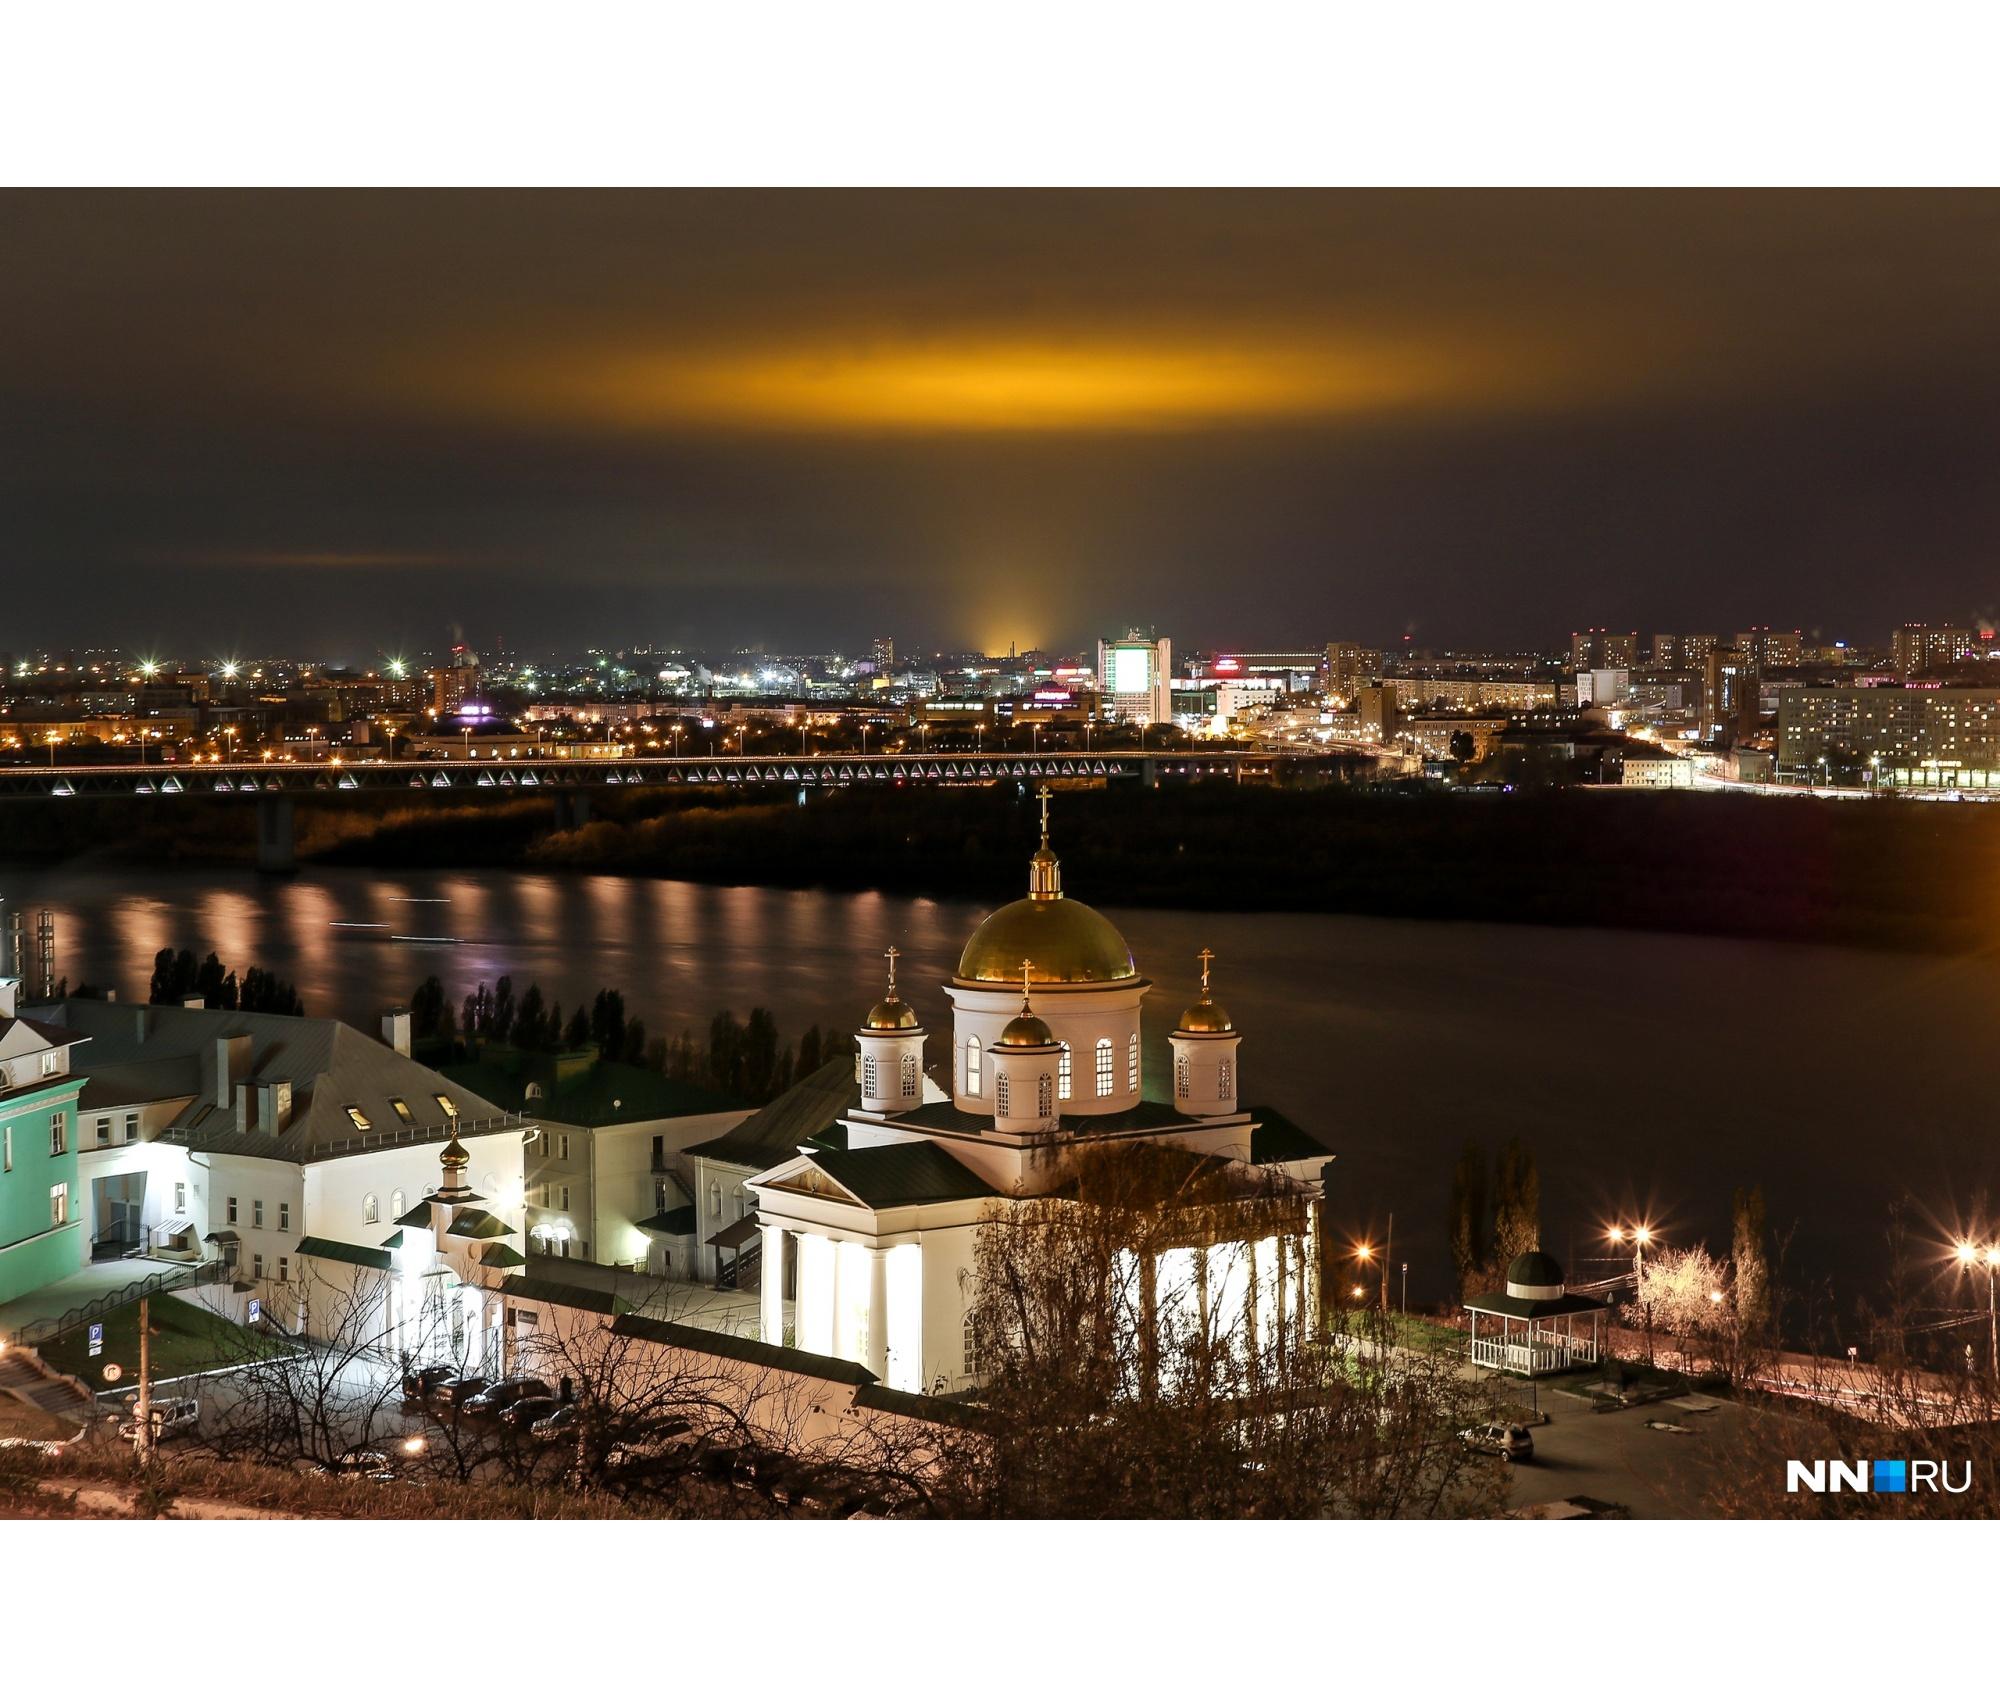 Фотографии свечения заполнили нижегородские паблики